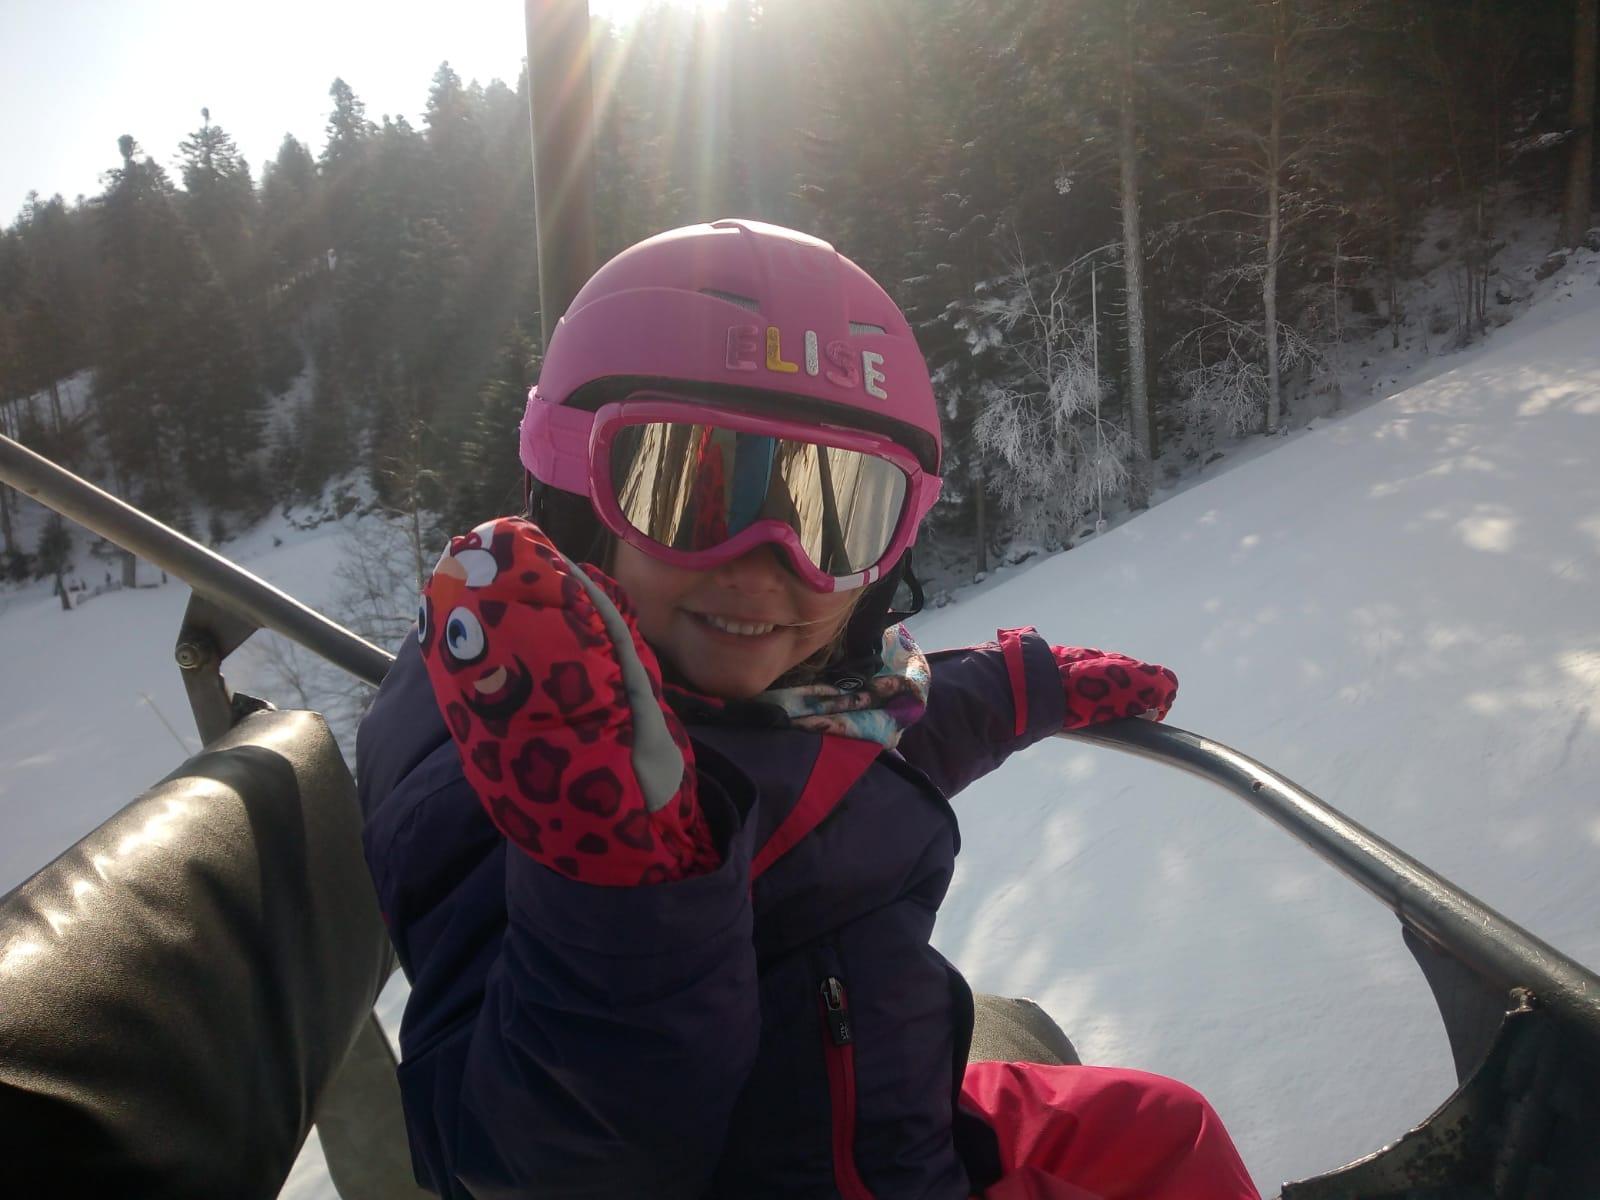 Lezioni private di sci per bambini a partire da 4 anni per tutti i livelli